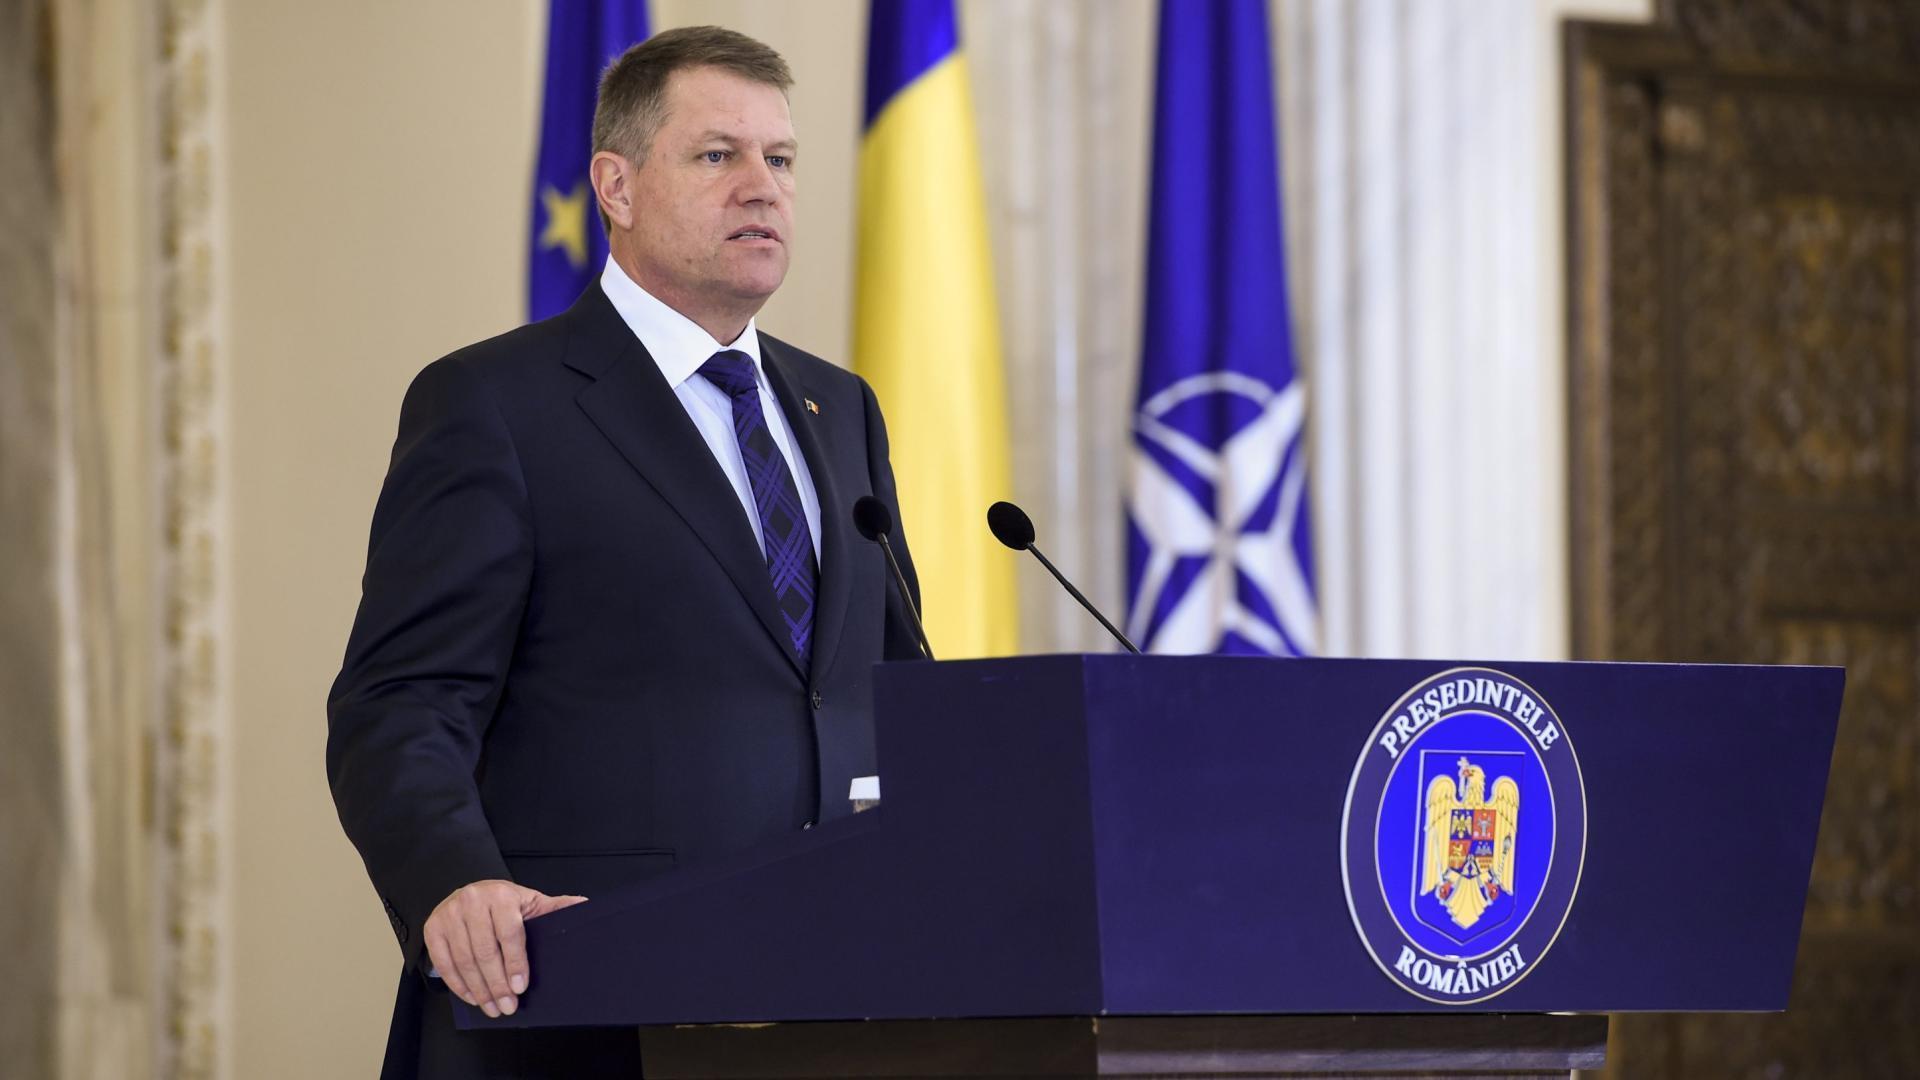 Președintele român Klaus Iohannis intră în războiul politic din Venezuela